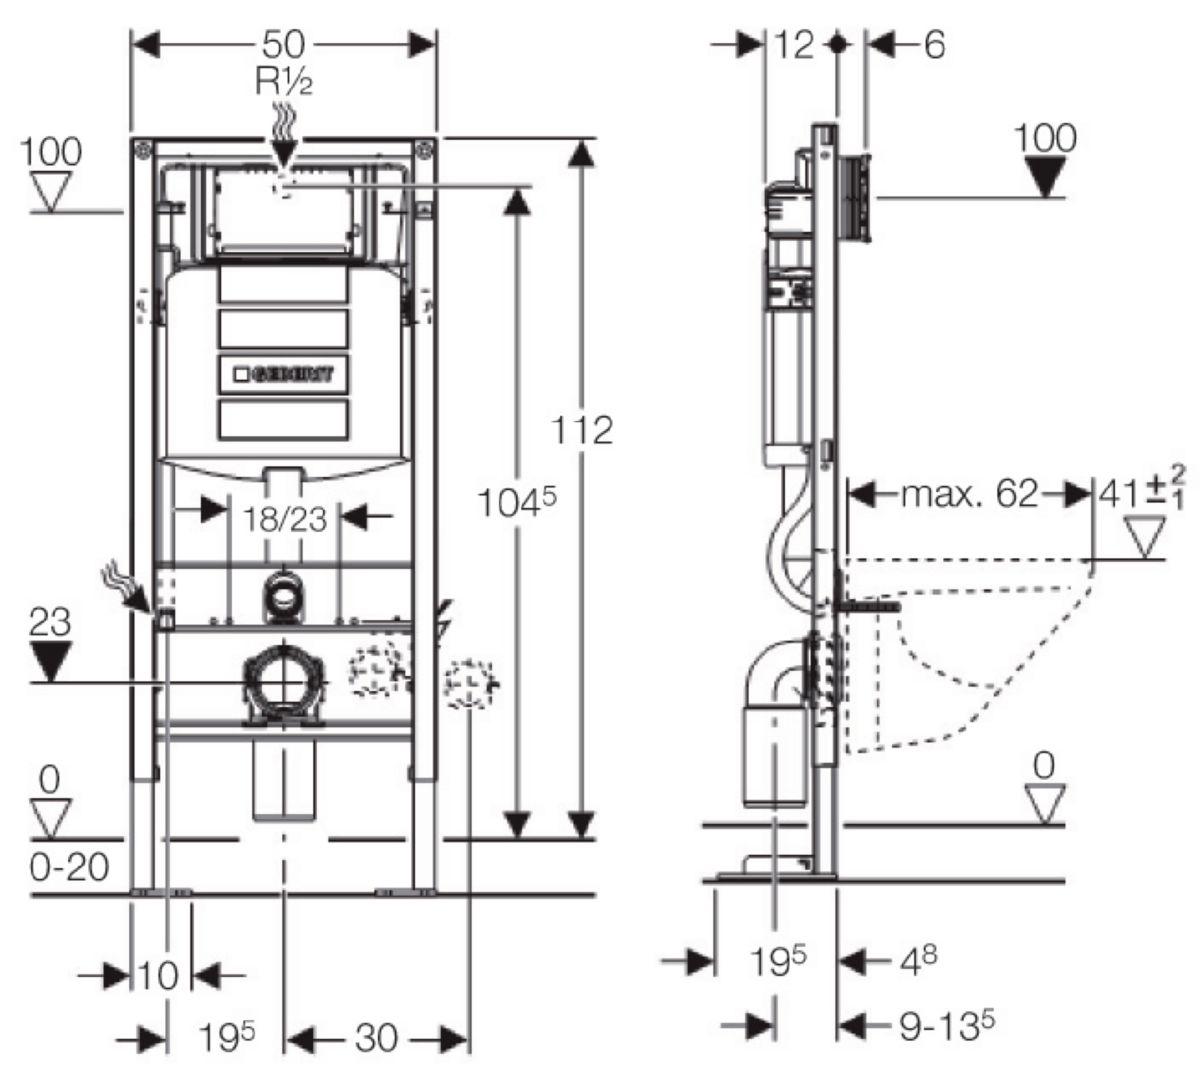 Bâti-support autoportant DUOFIX PLUS UP320 H : 112 cm réf. 111333005